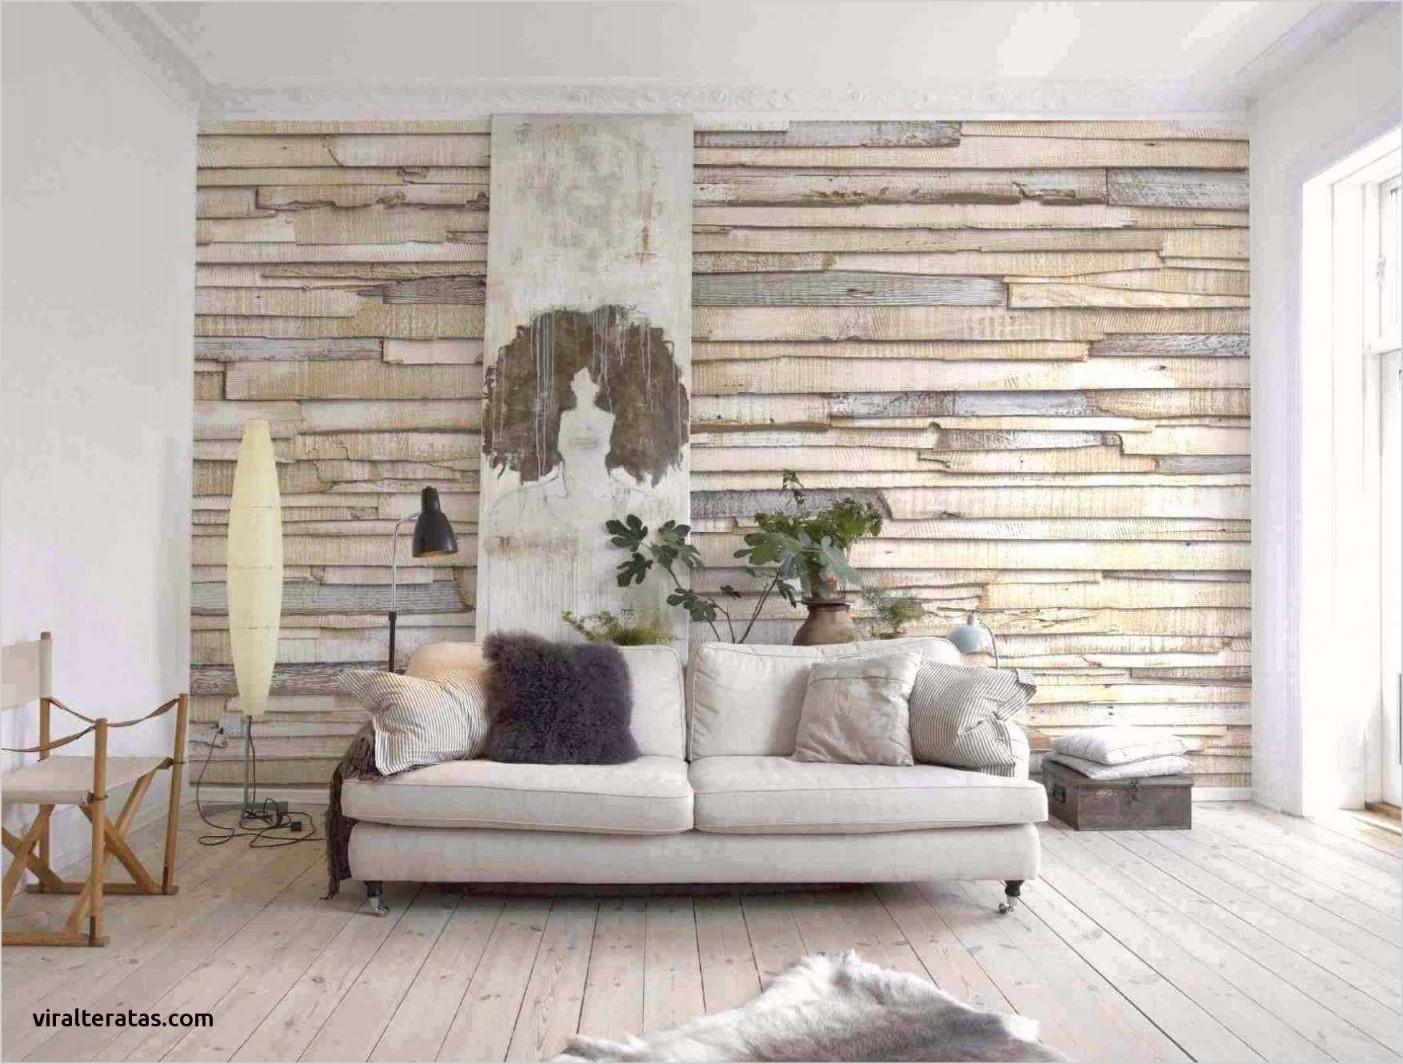 Zimmer Tapeten Ideen (Mit Bildern)  Tapeten Wohnzimmer von Tapeten Ideen Wohnzimmer Photo